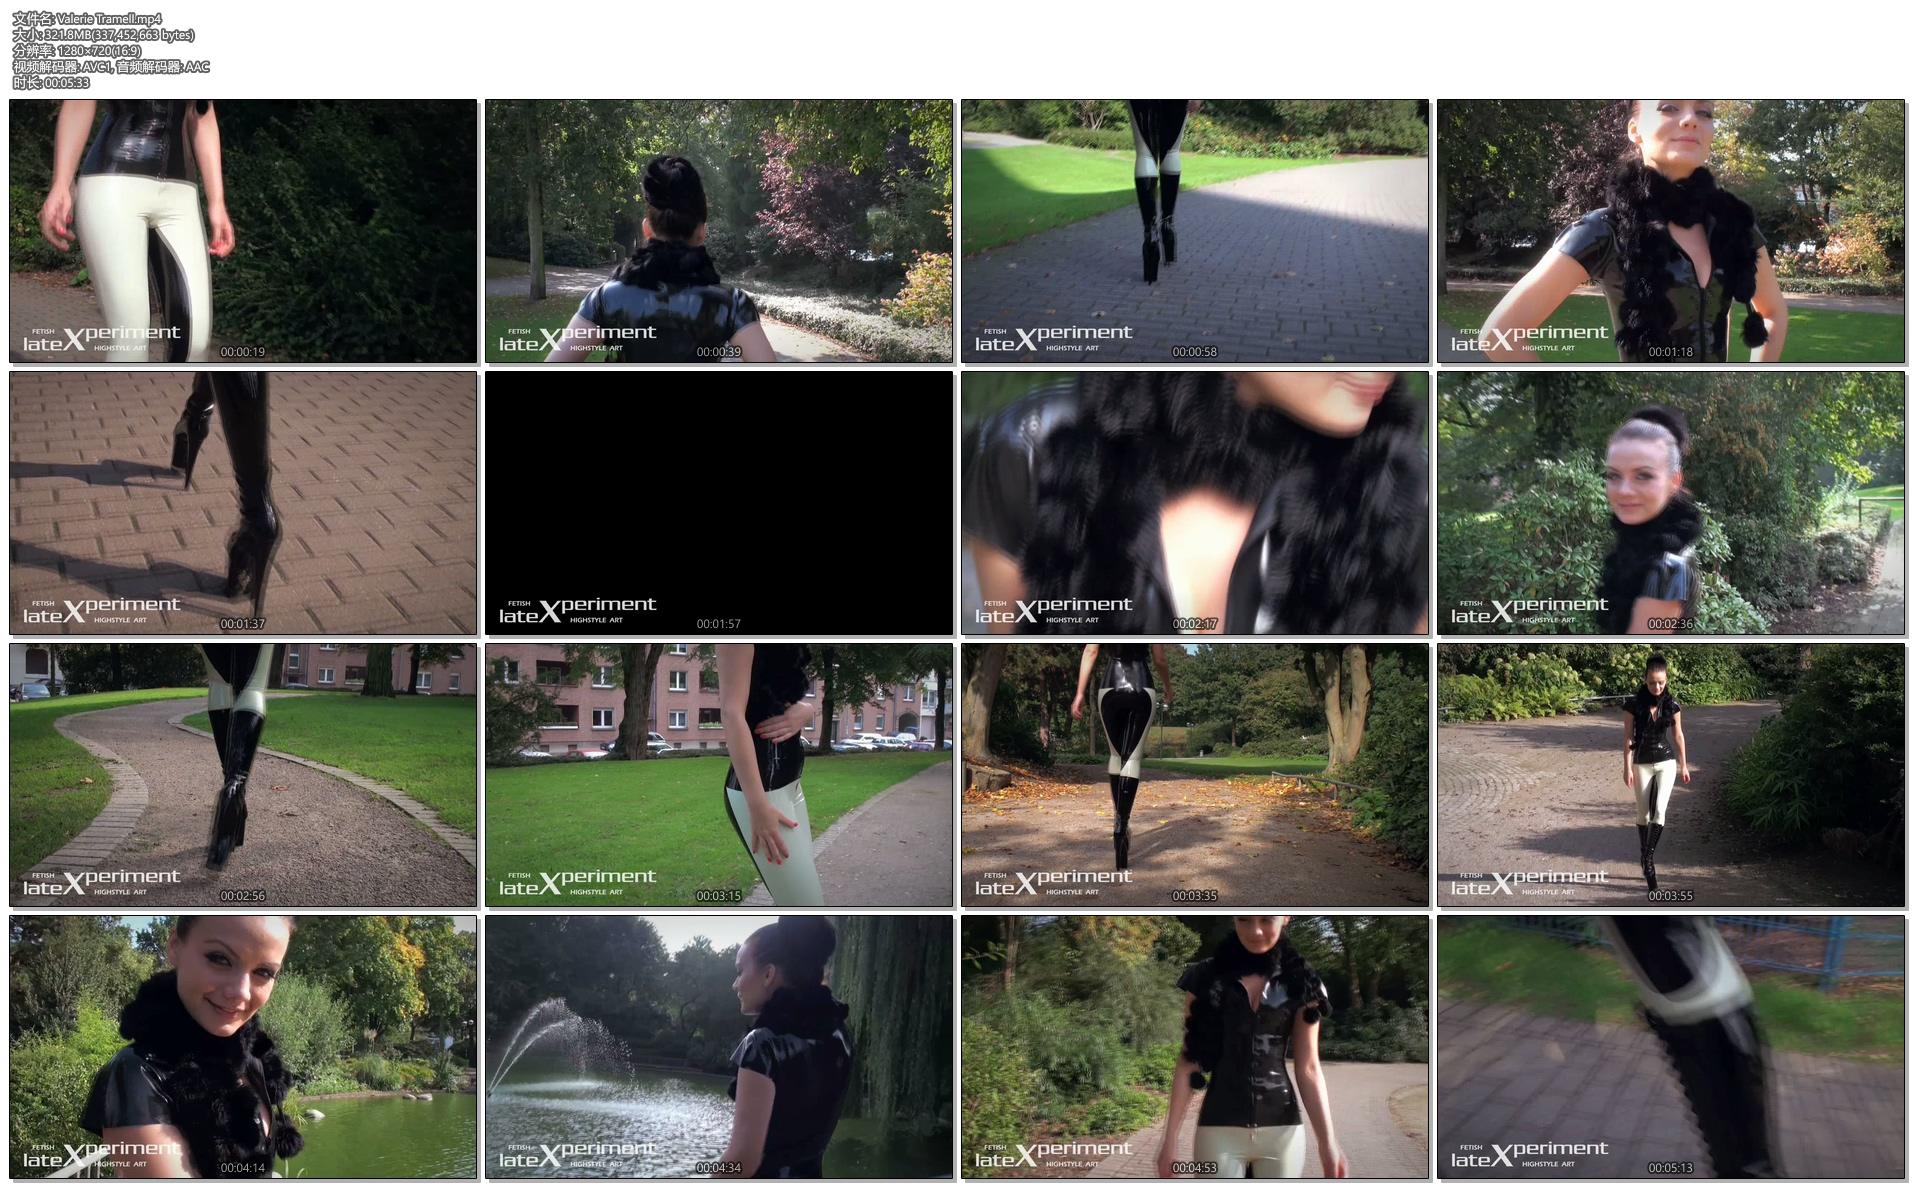 [乳胶衣写真] 妙龄少女乳胶衣长筒靴美腿风情万种-720p高清视频 [126P1V/473M]